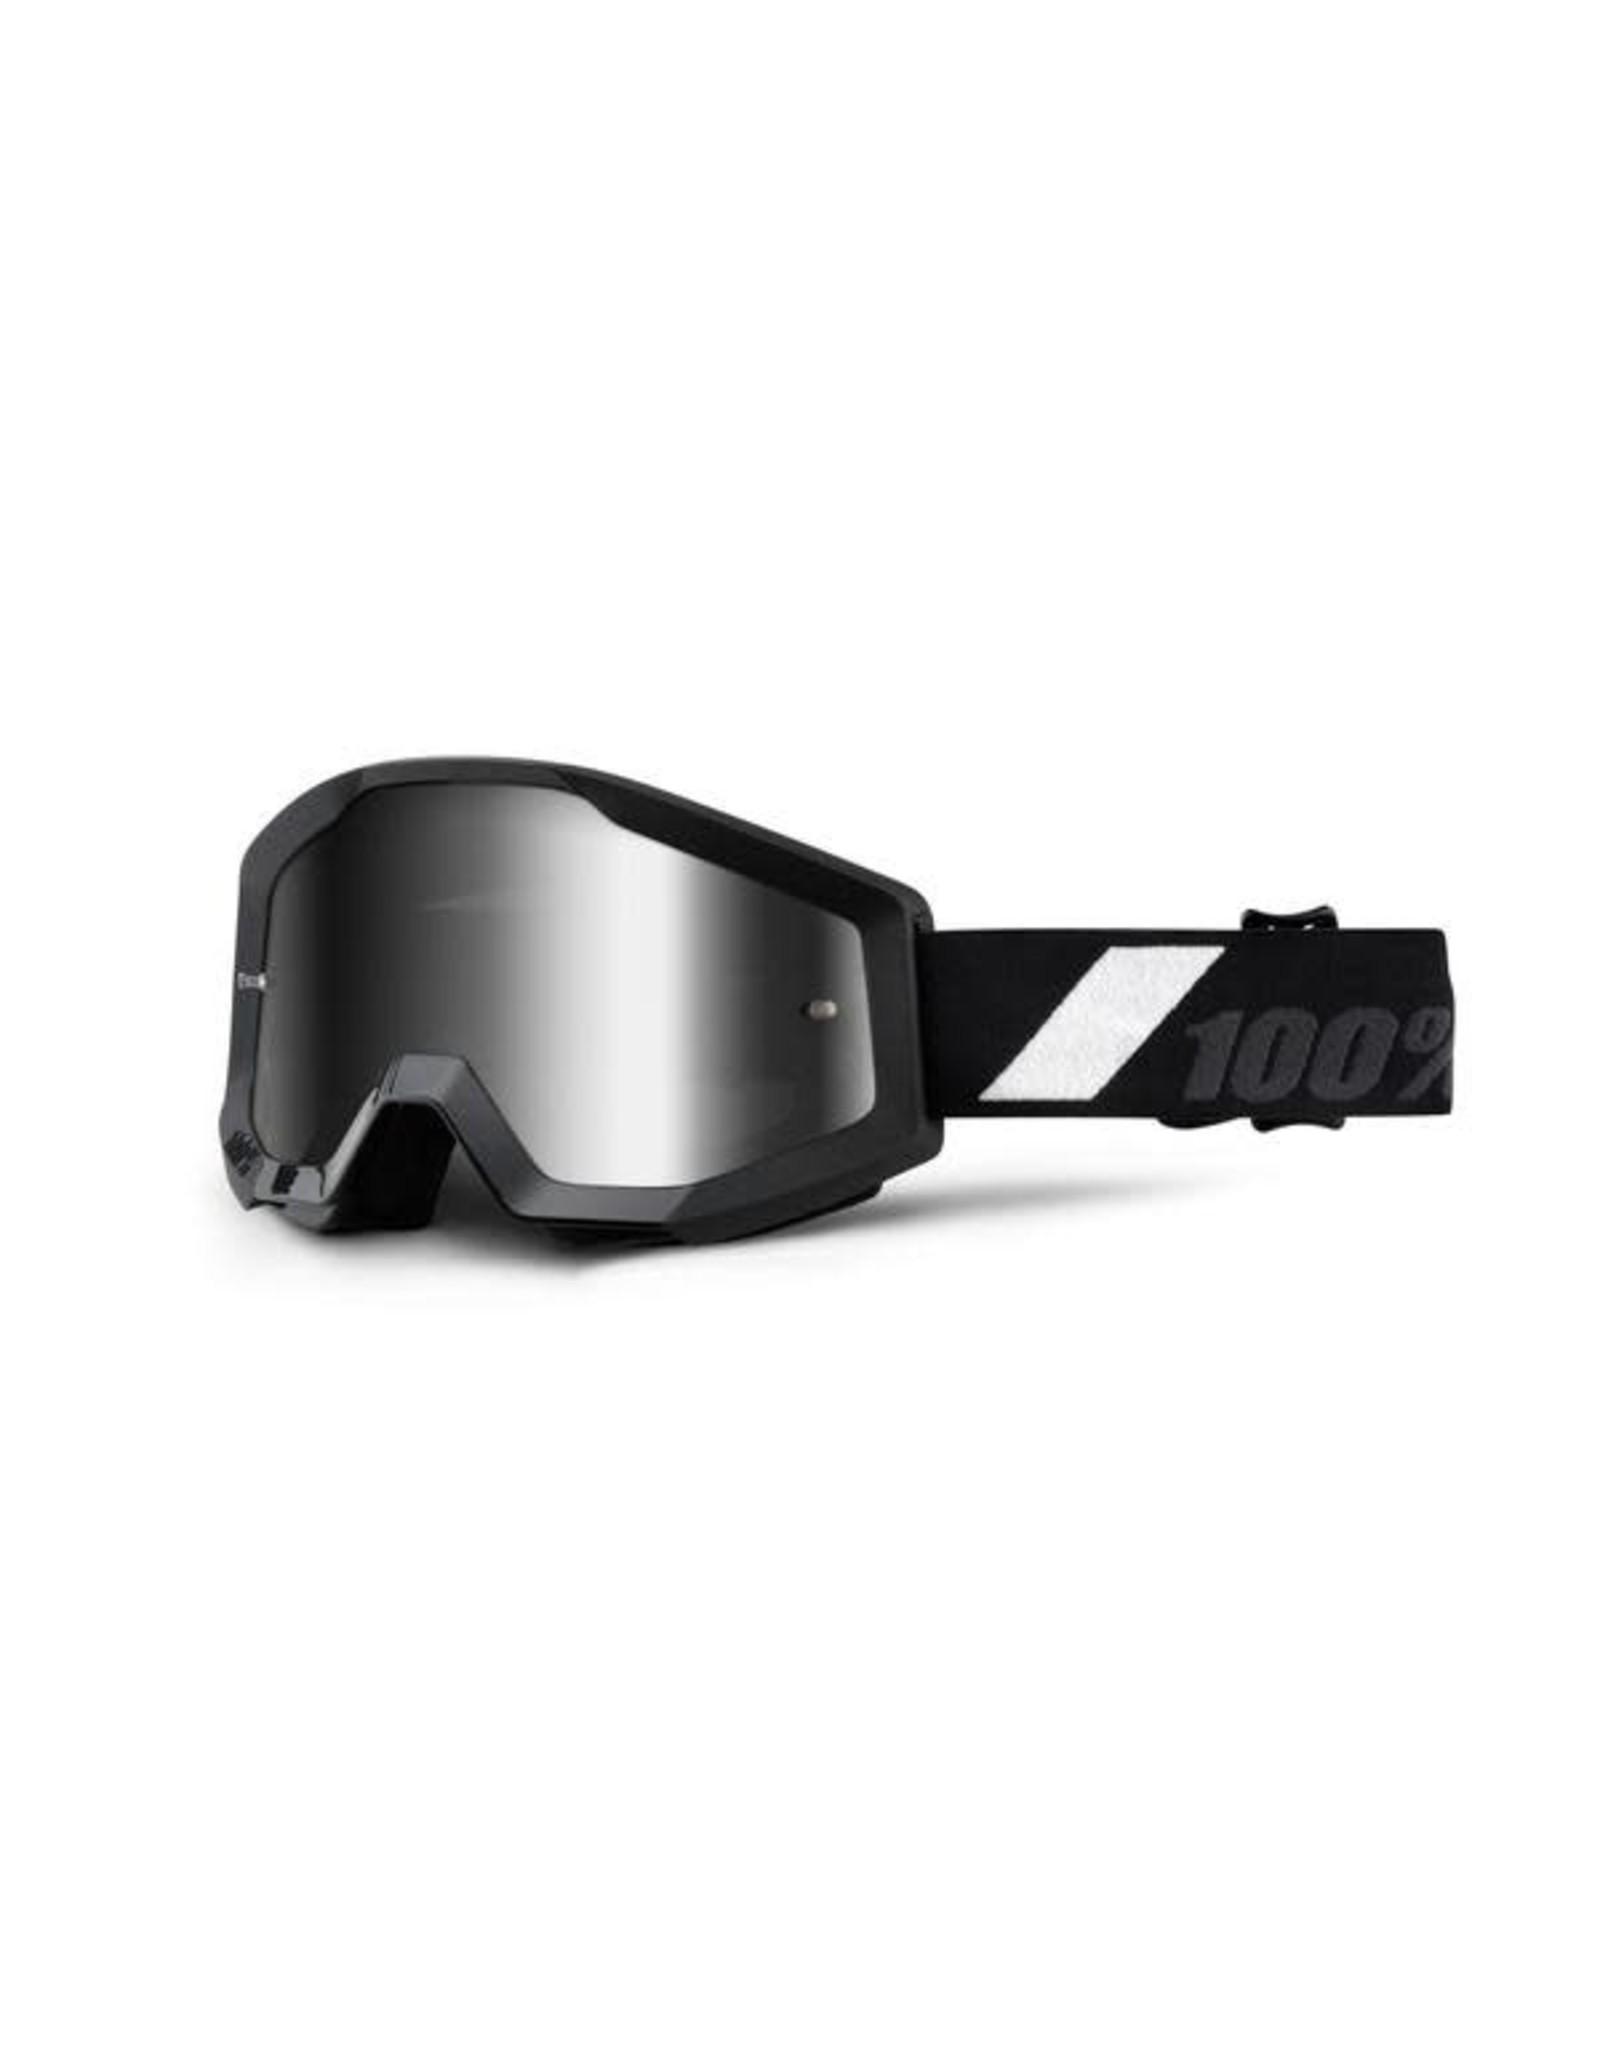 100% Apparel, Face, Goggles - 100% Strata Goliath, Mirrored, Silver Lens